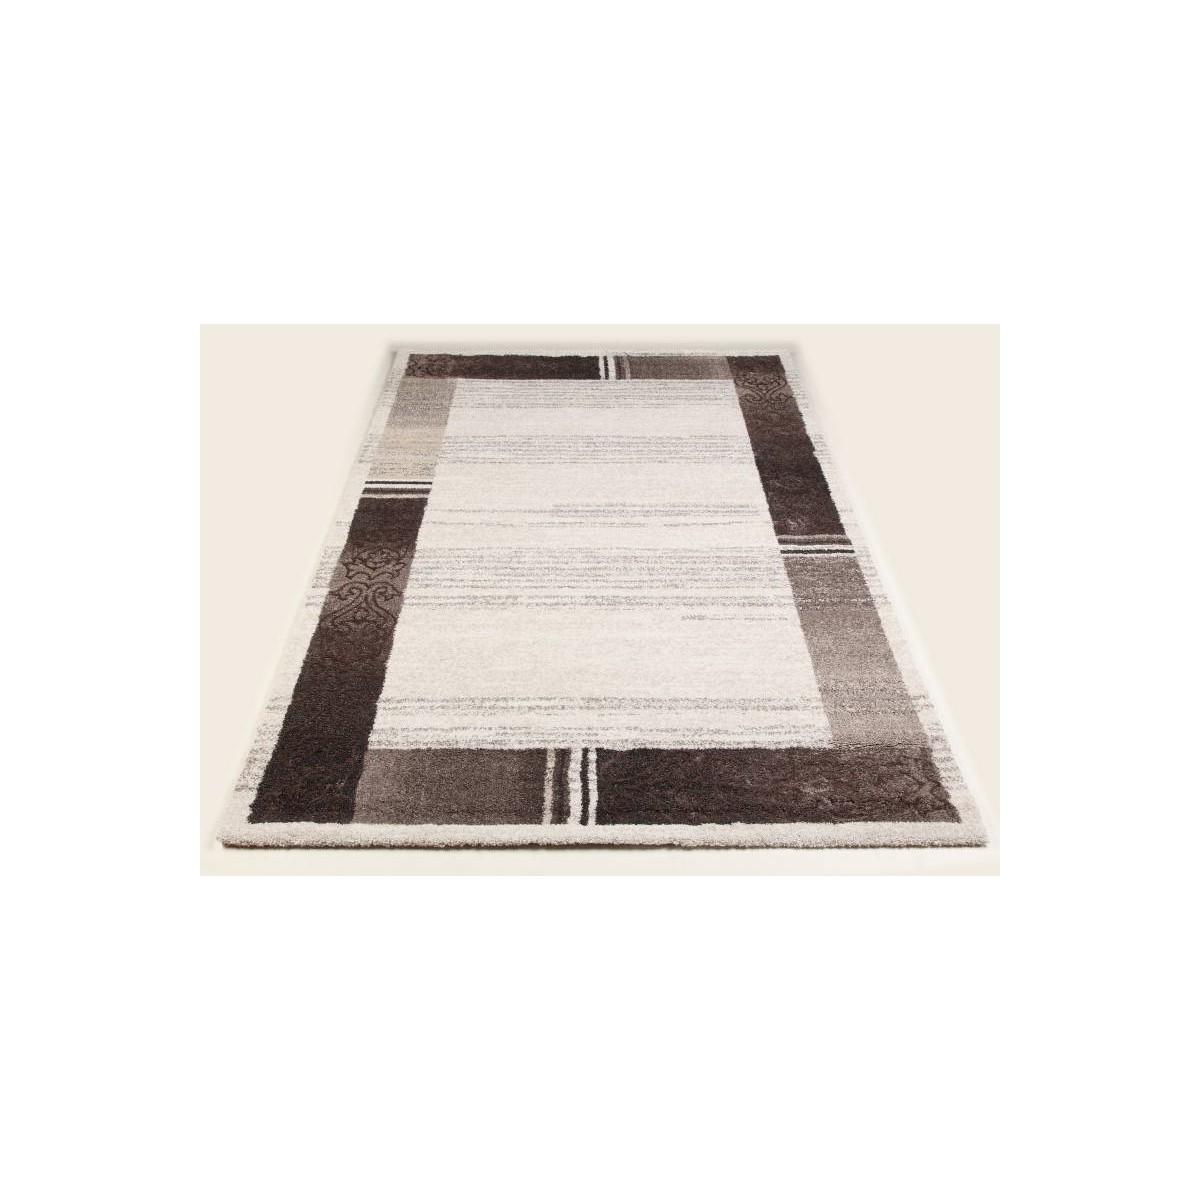 Wohnzimmer Modern Und Teppich 80 X 150 Cm Moderne Mode Gabeh Gemustert Creme Beige Amp Story 4287